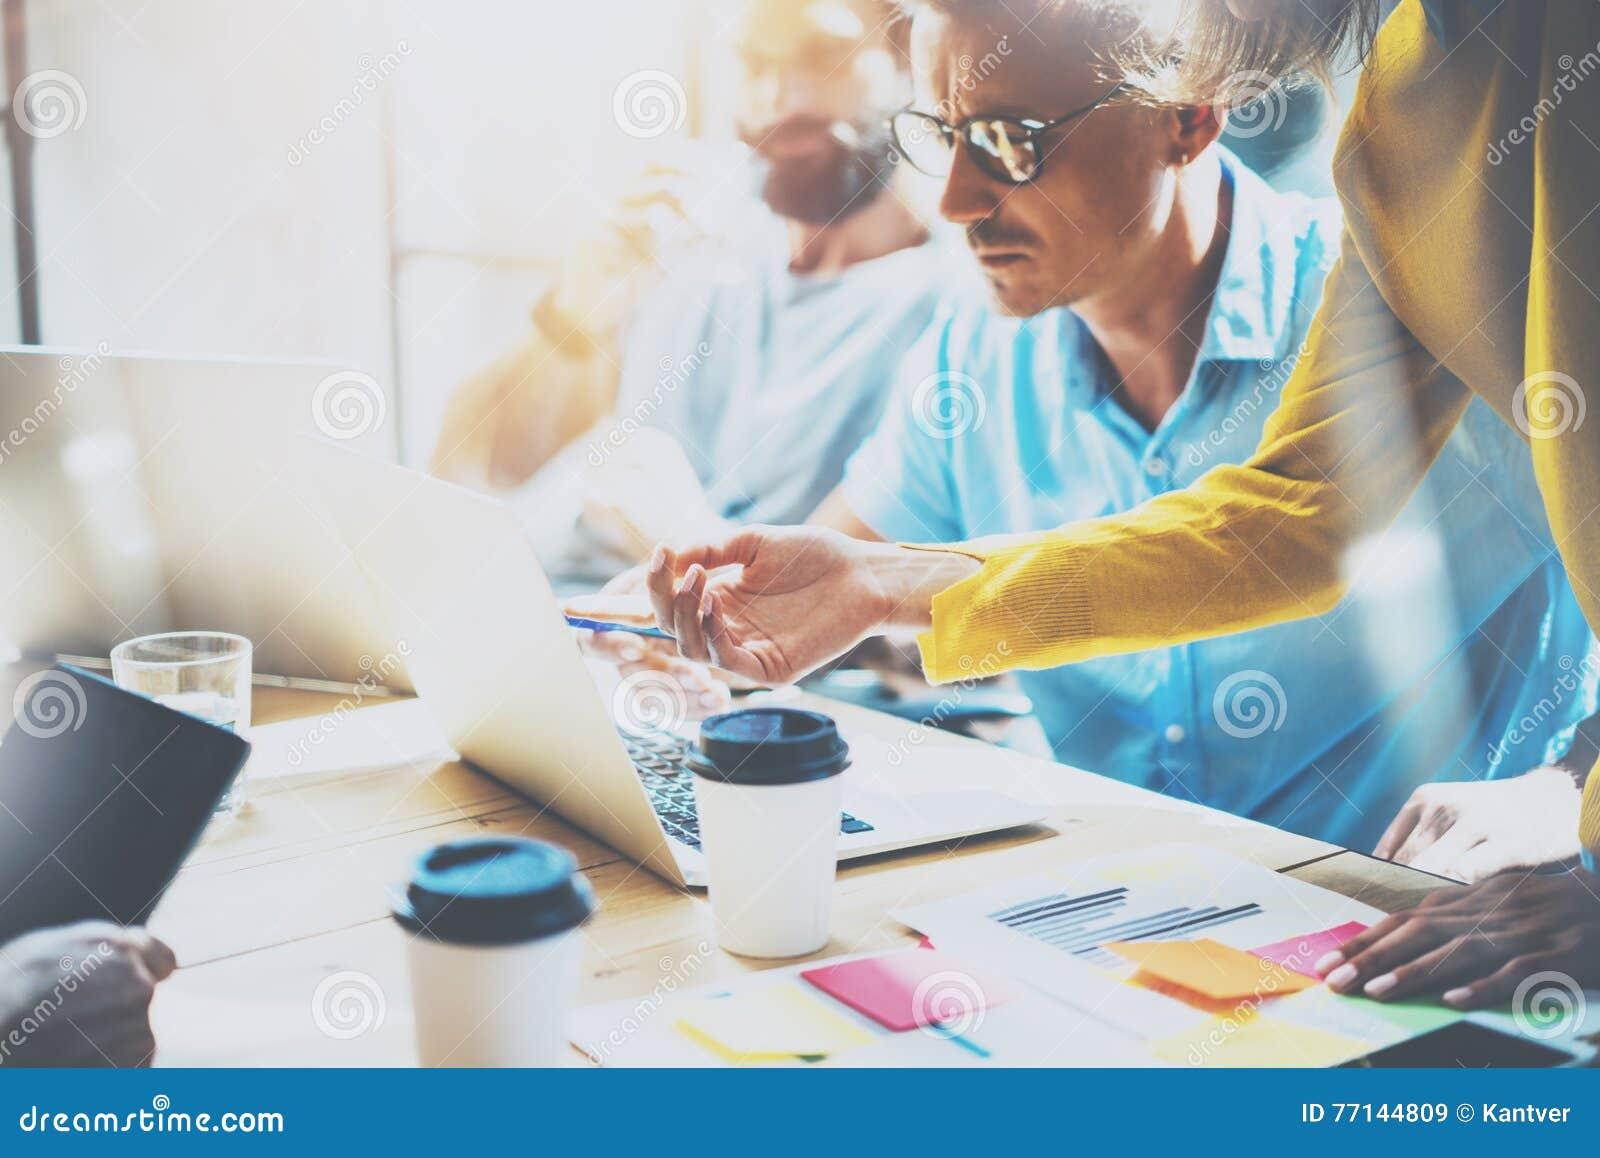 Giovani colleghe del gruppo che prendono le grandi decisioni economiche Studio creativo di Team Discussion Corporate Work Concept